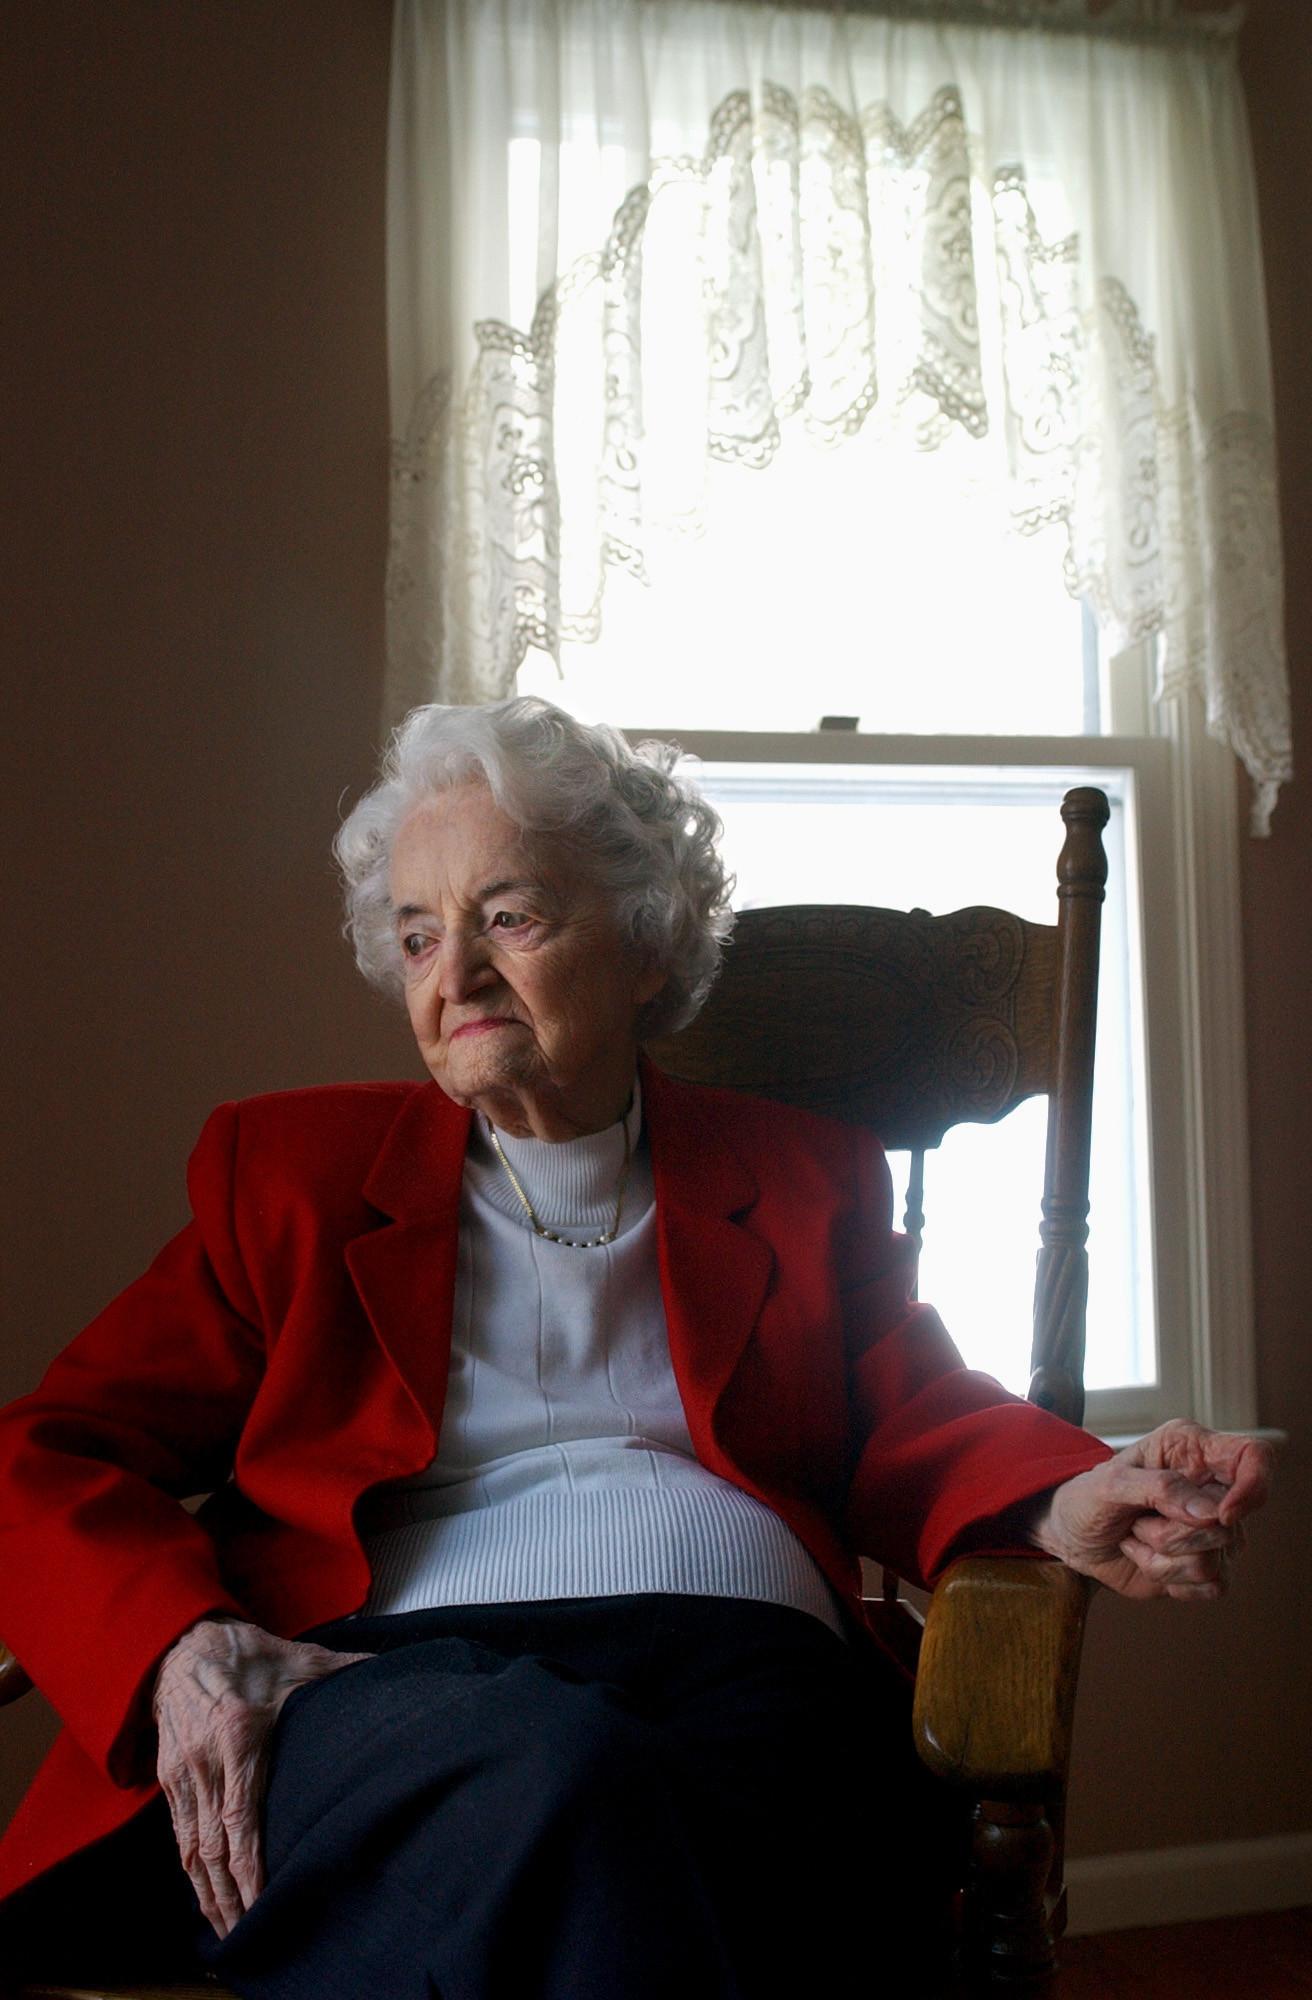 Woman Believed To Be Last Of Waterbury U0026 39 S Radium Girls Dies